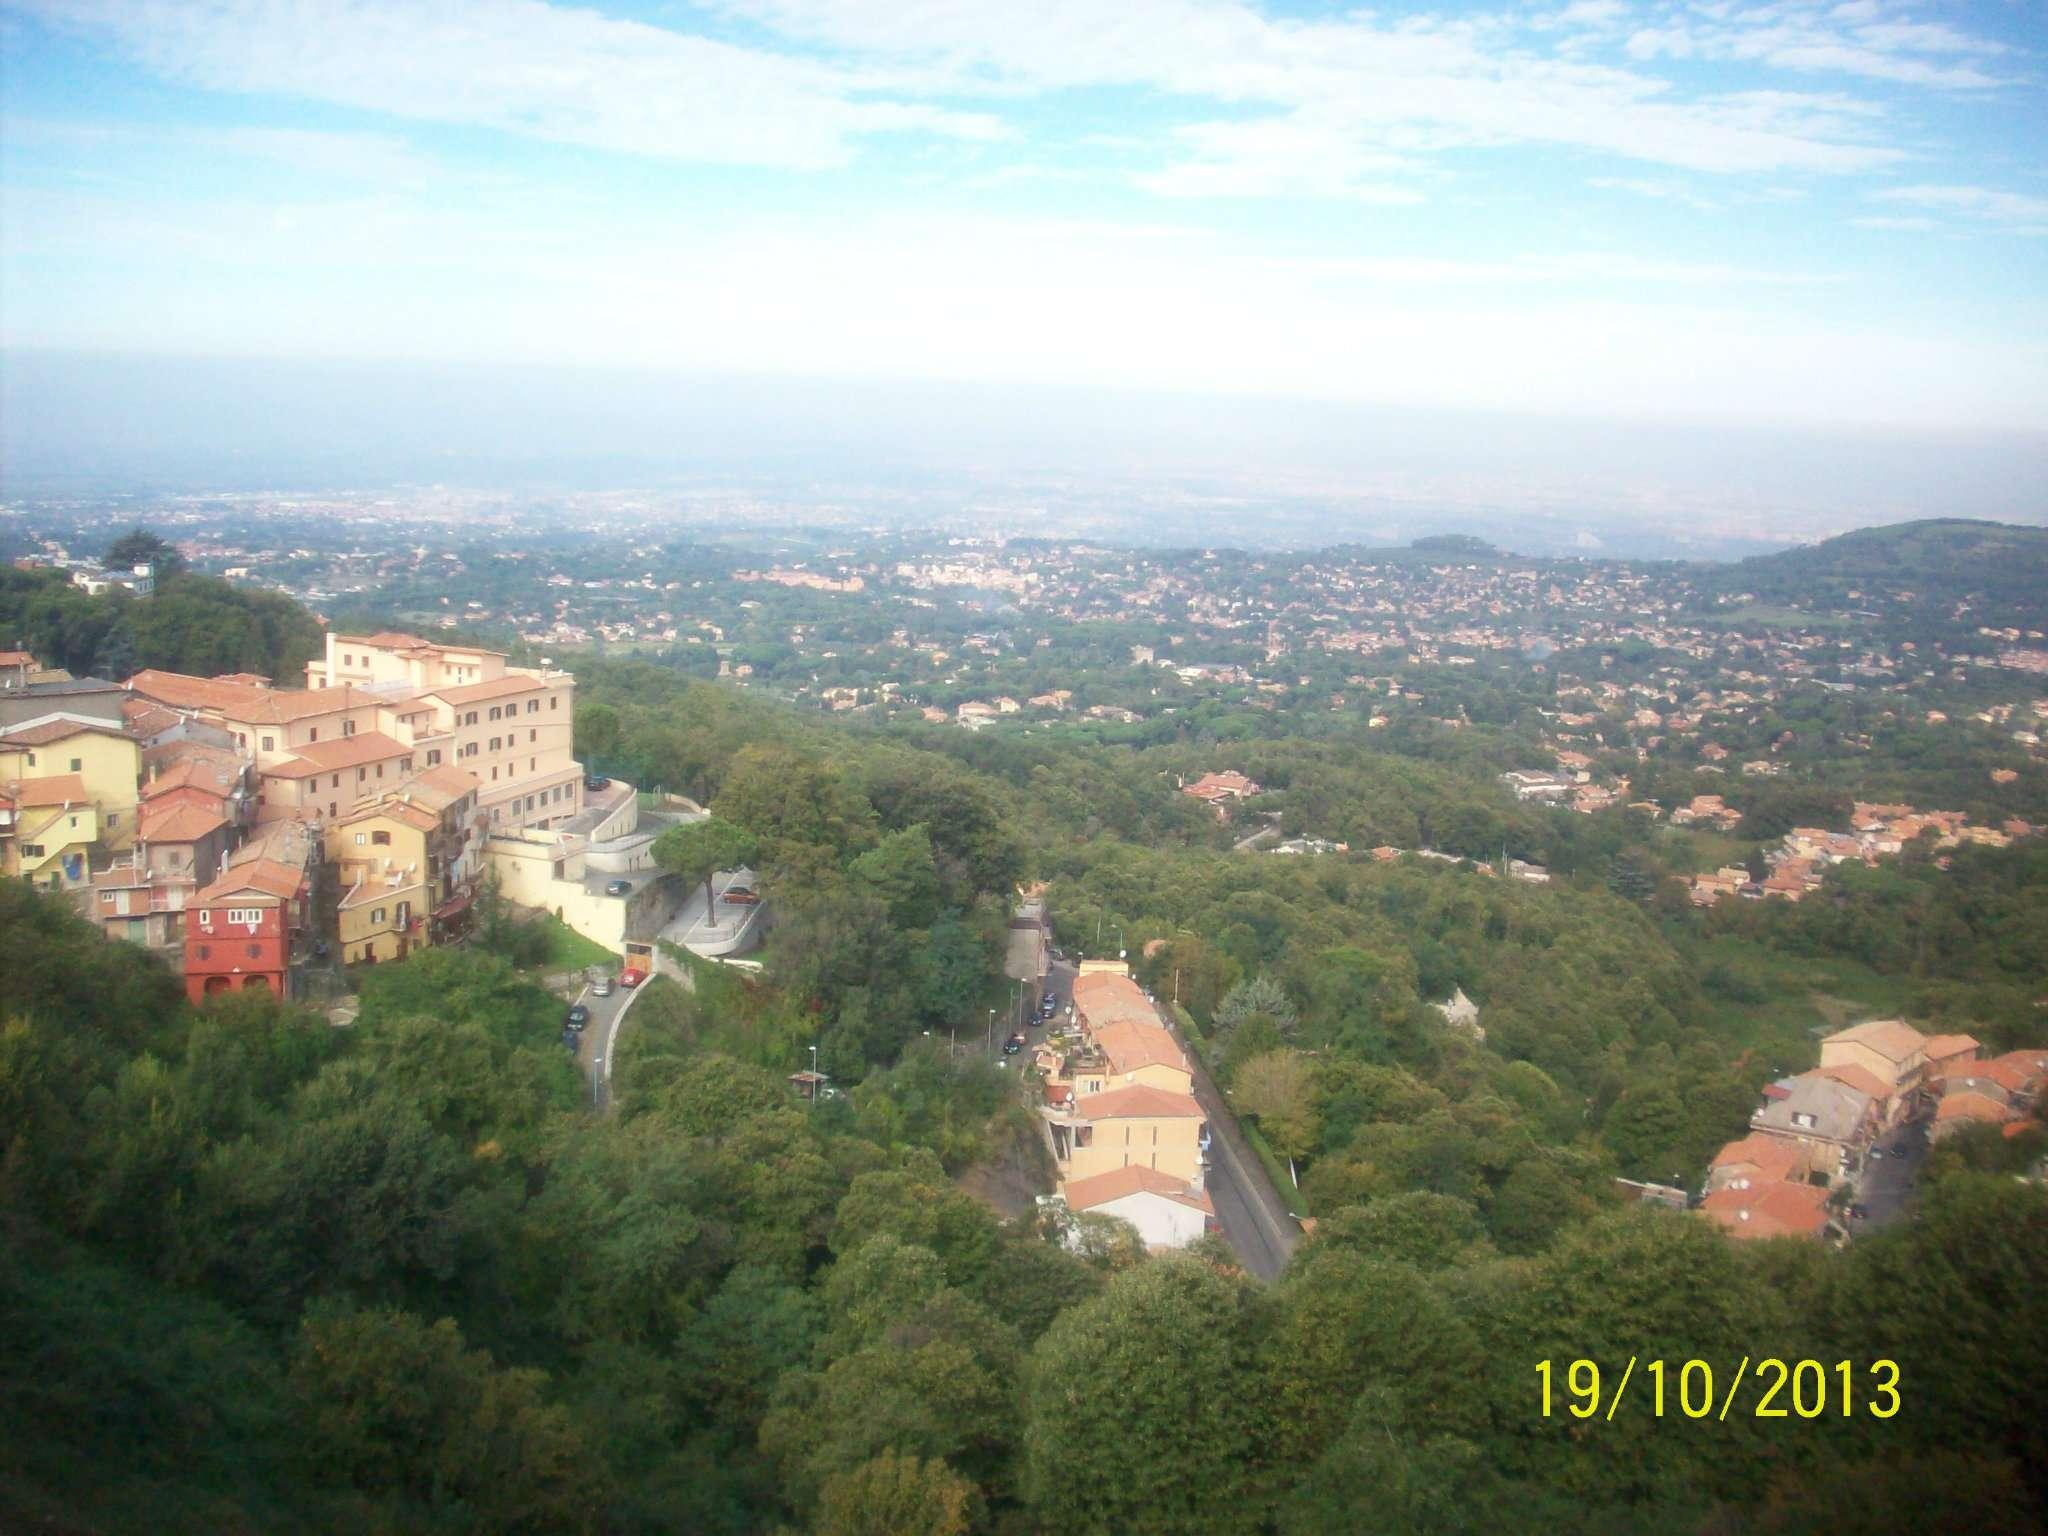 Appartamento in vendita a Rocca di Papa, 2 locali, prezzo € 35.000 | CambioCasa.it